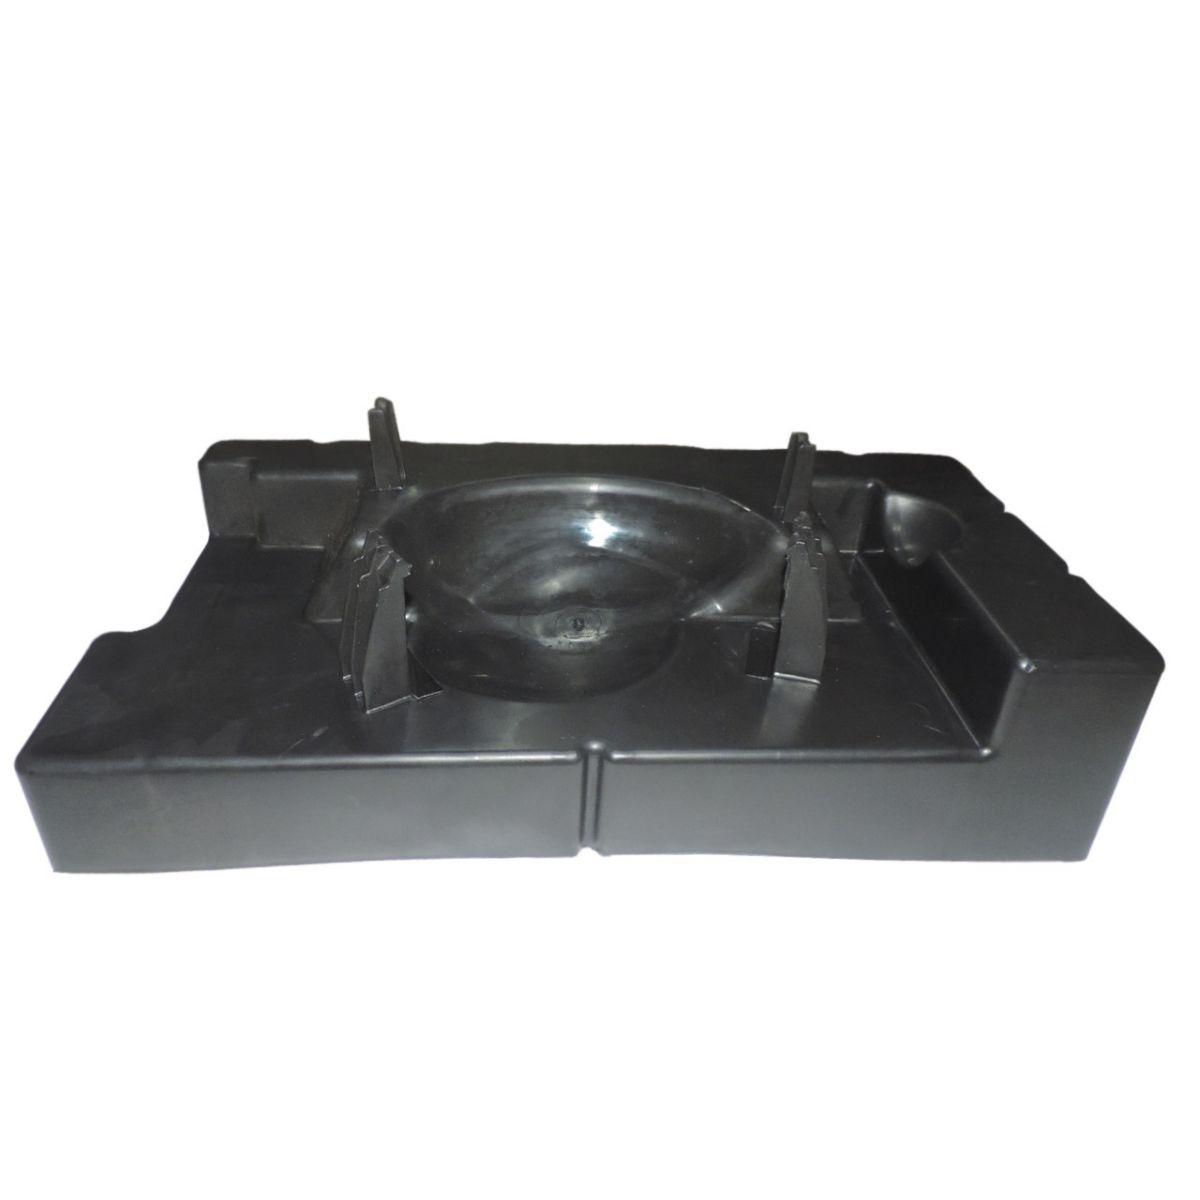 Recipiente Evaporação Refrigerador Brastemp Consul Bra34 Cra34 Crp34 Crp38